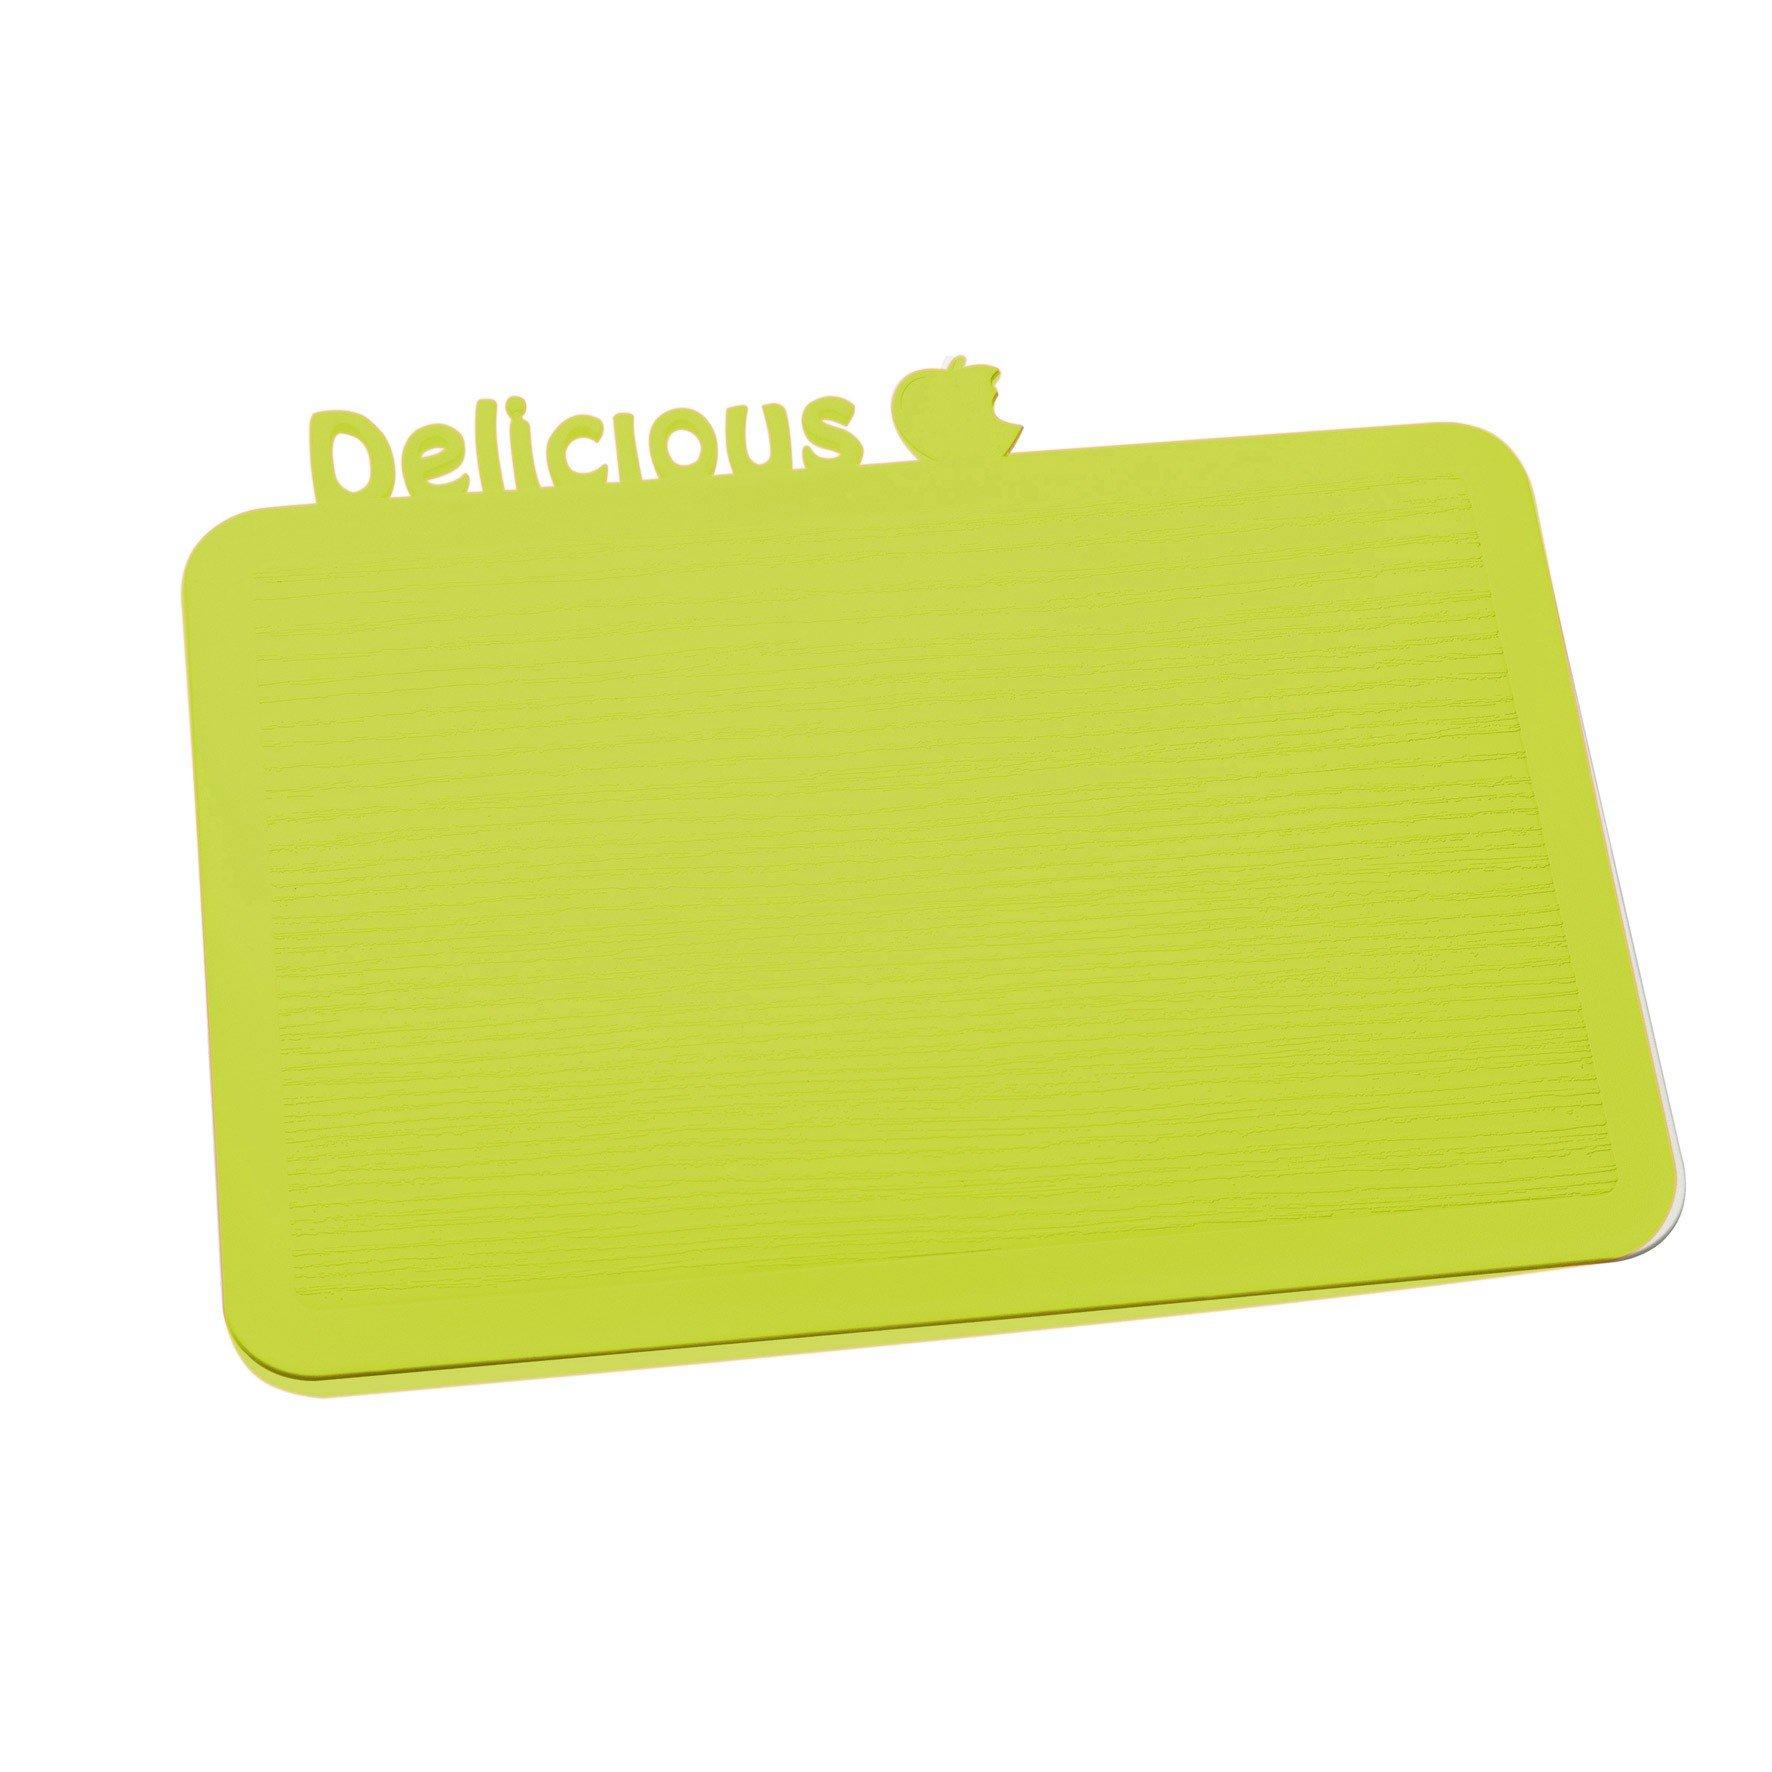 Deska śniadaniowa Happy Boards Delicious musztardowa